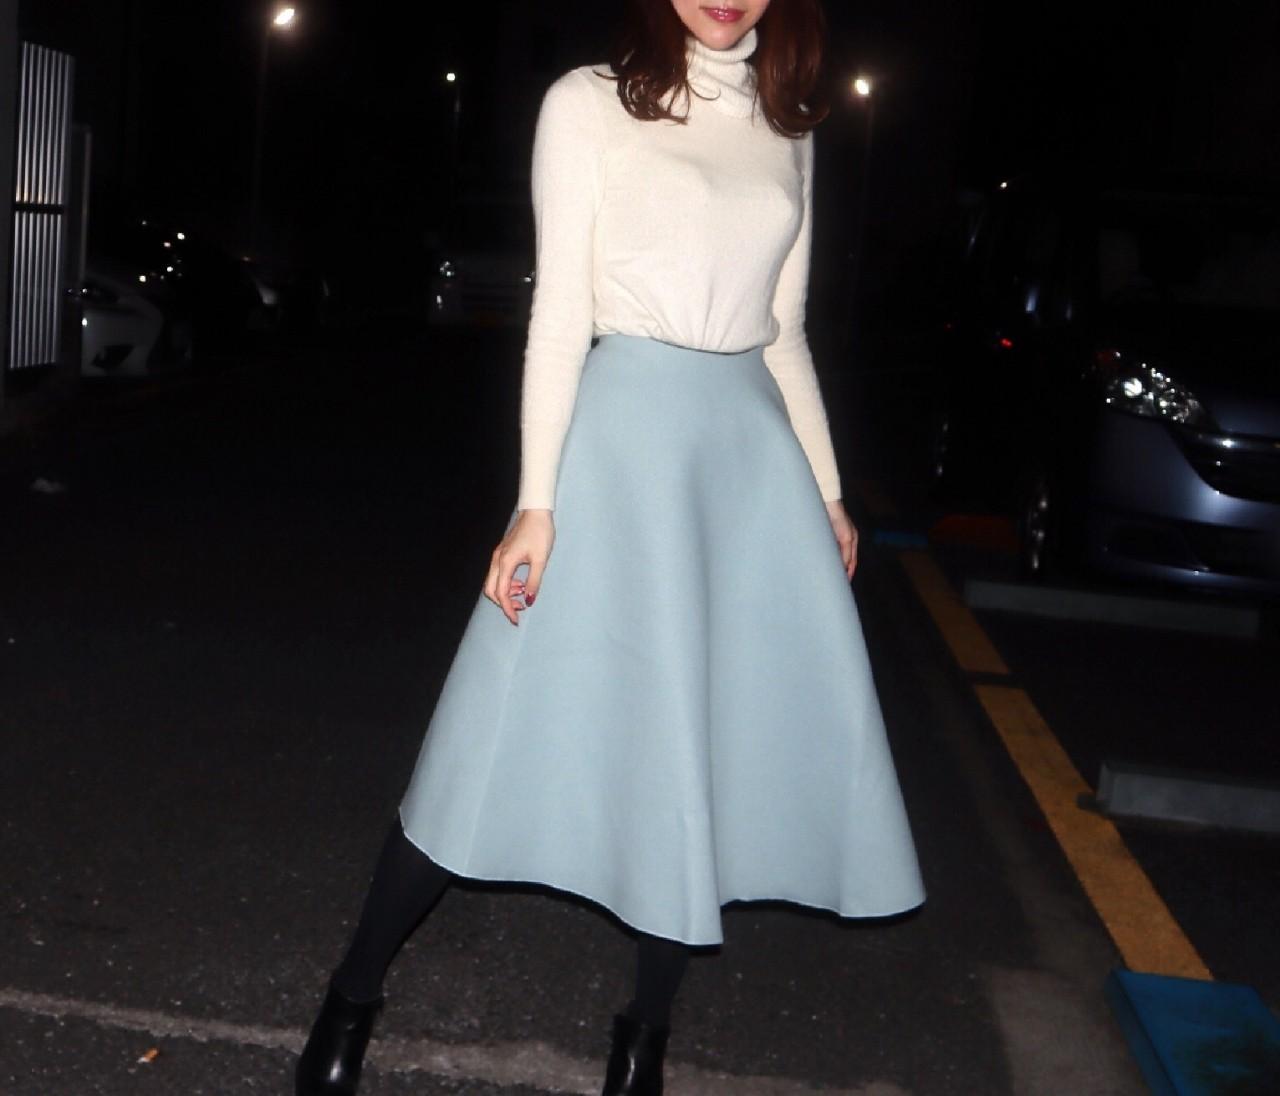 【ホワイトニット×ブルーグレースカート】冬のアイシーカラーコーデ♡